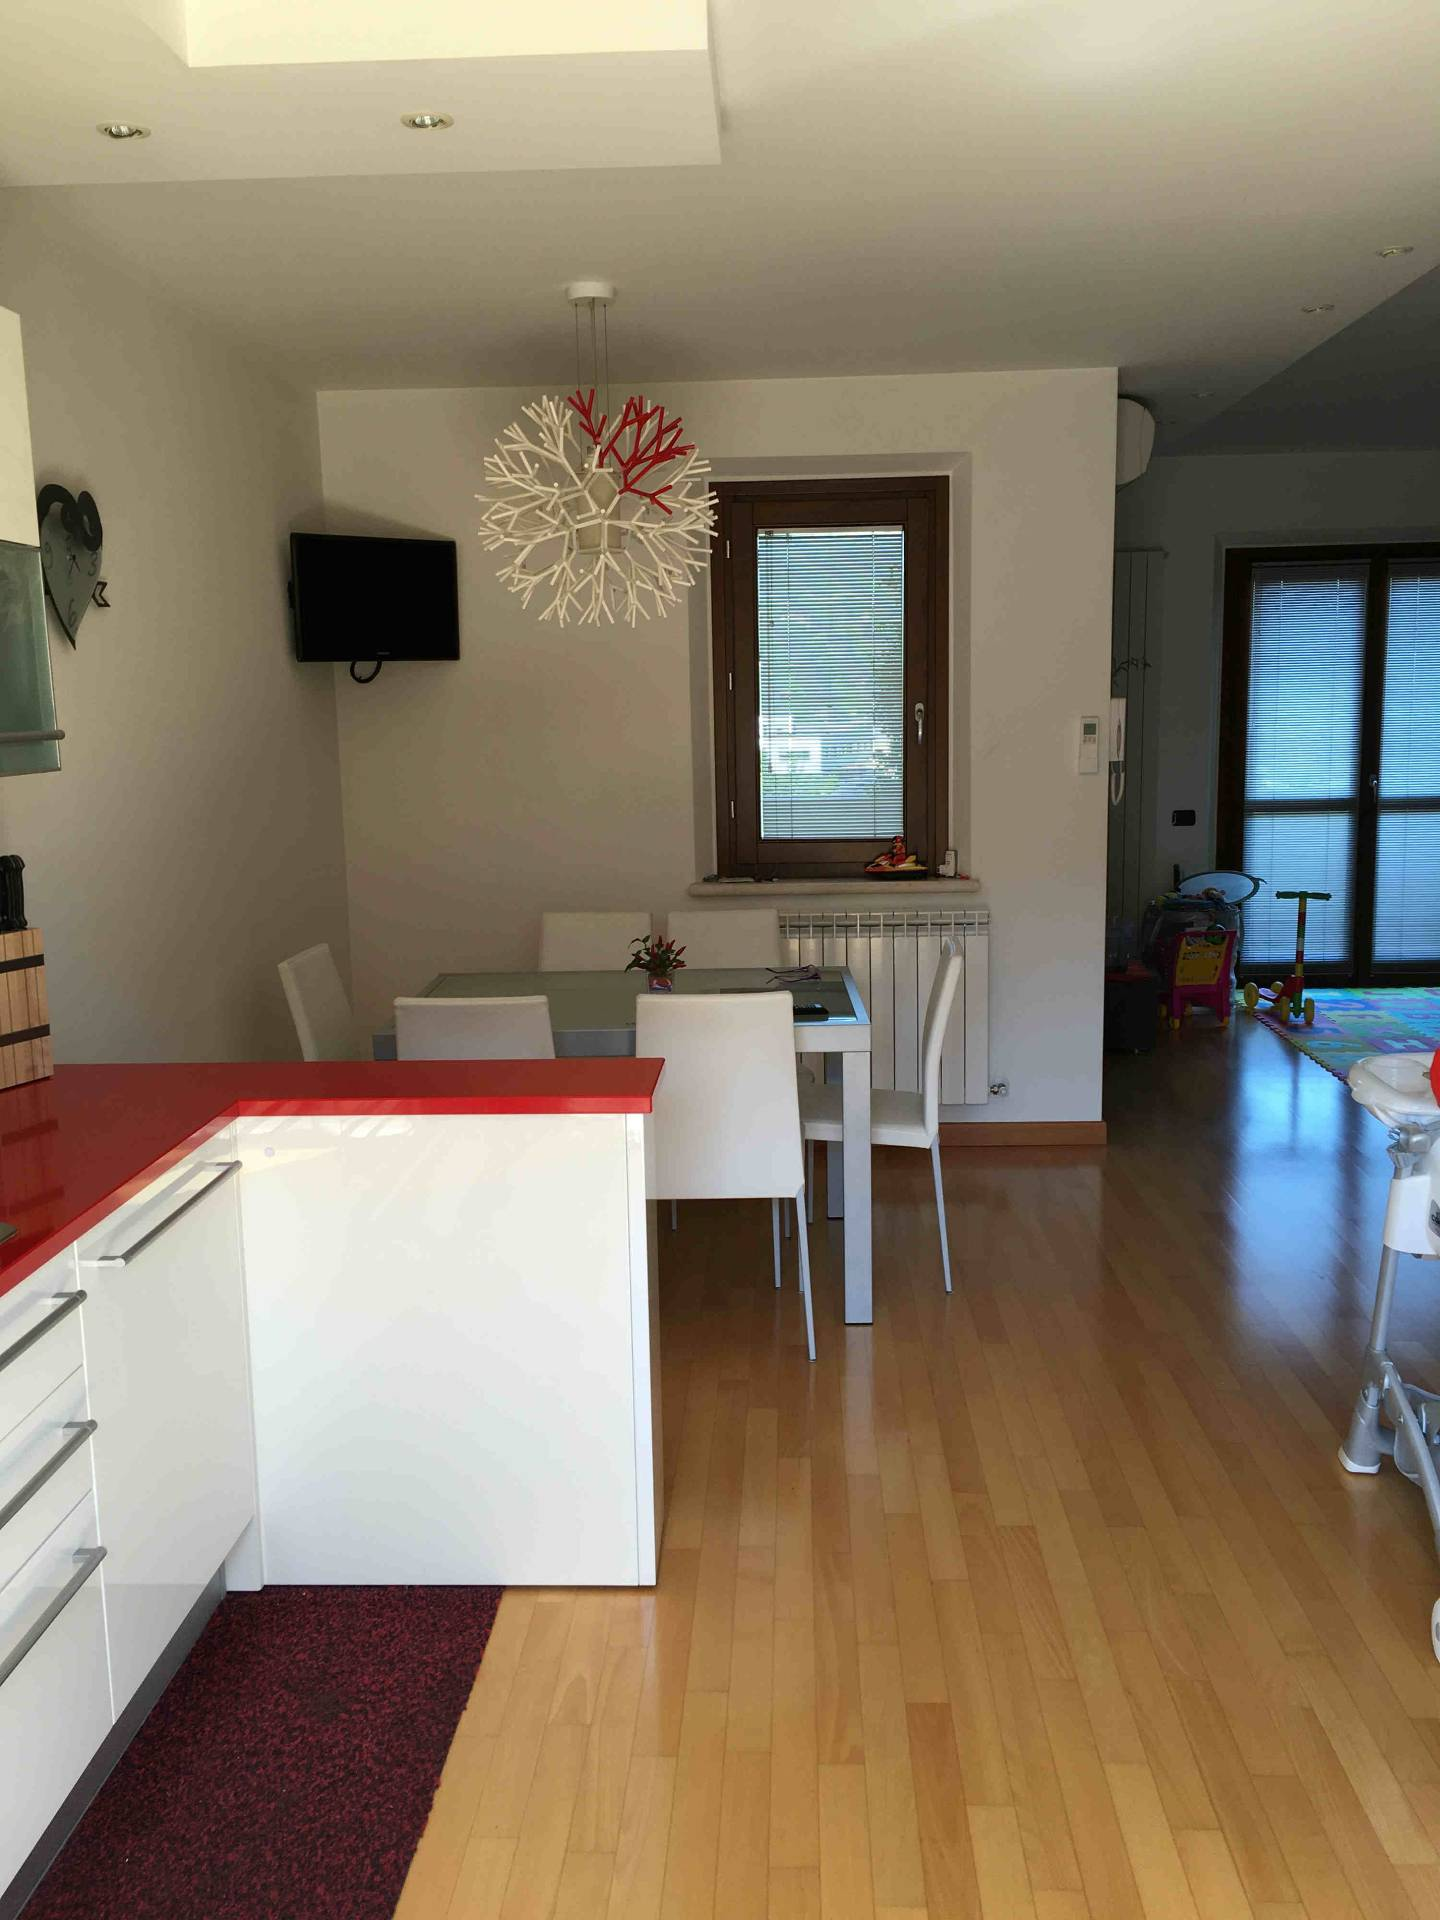 Appartamento in vendita a Fabriano, 6 locali, zona Località: PERIFERIA, prezzo € 200.000 | CambioCasa.it